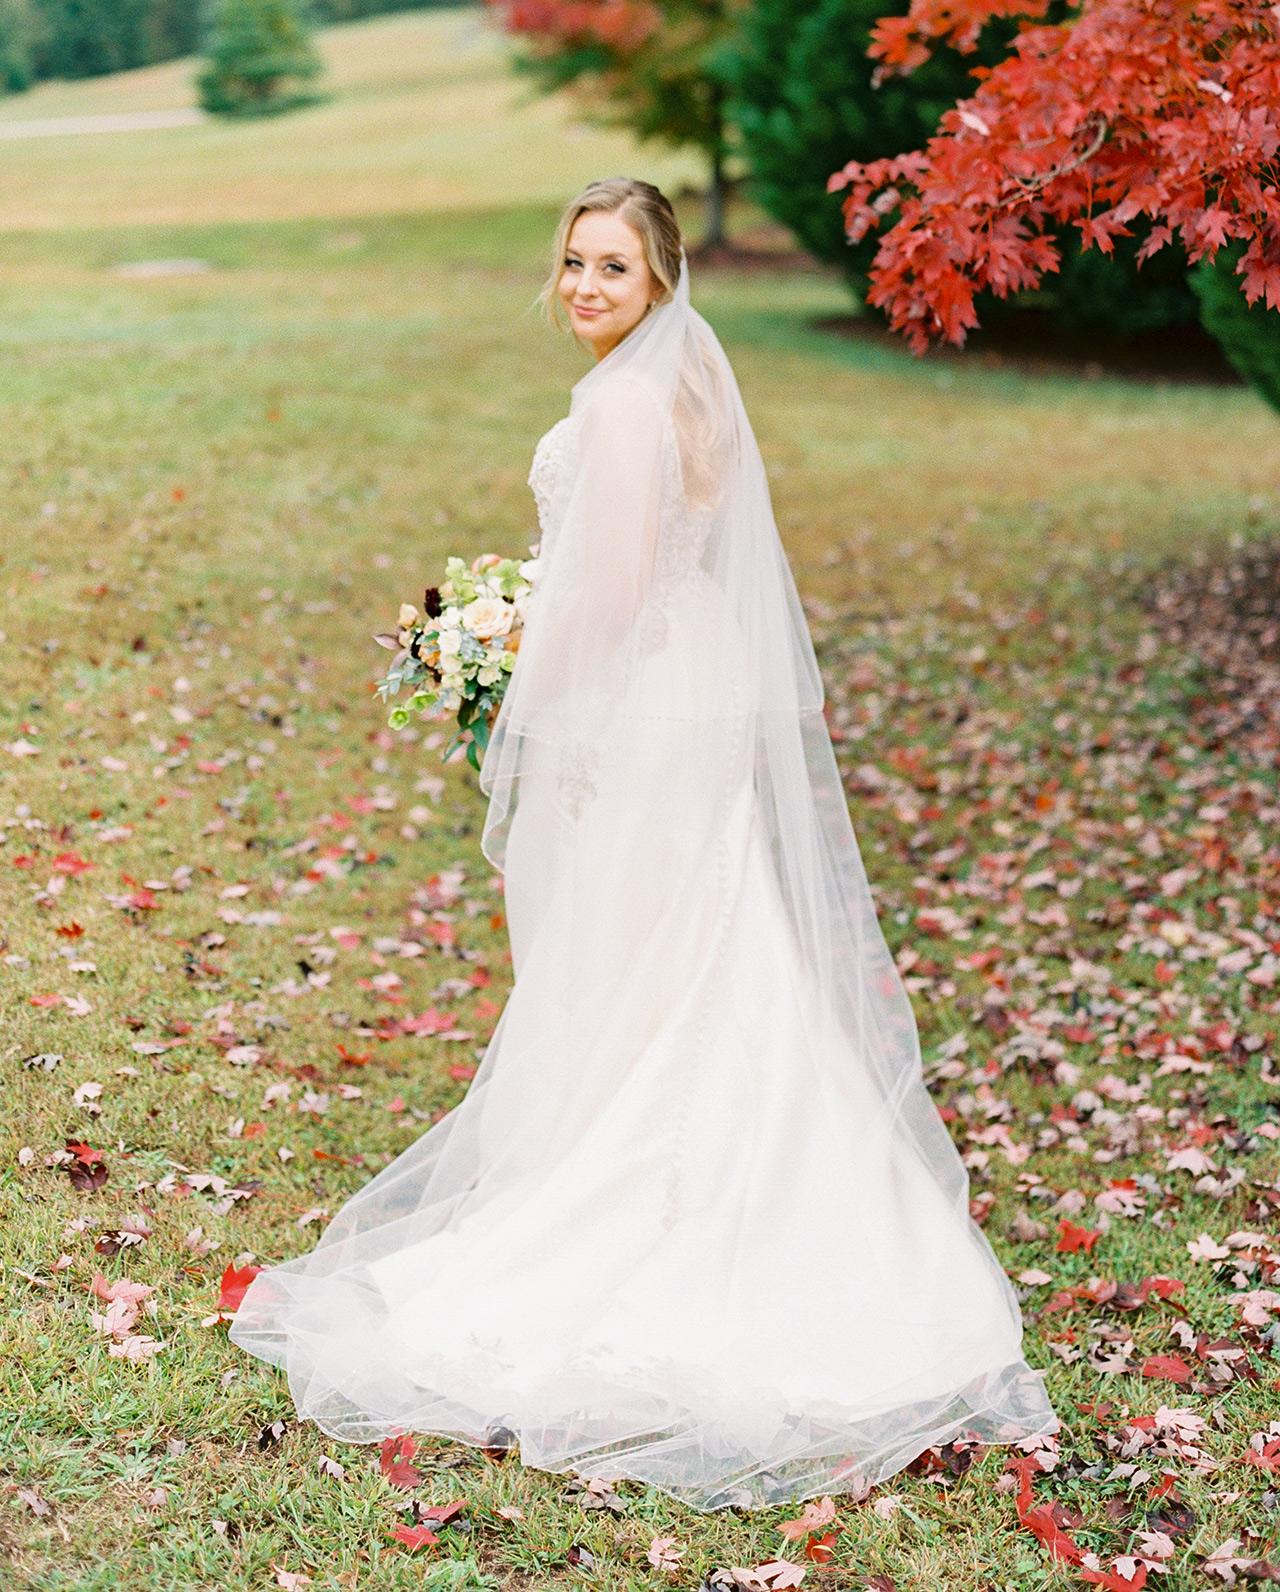 bride posing near red leaf tree in wedding dress